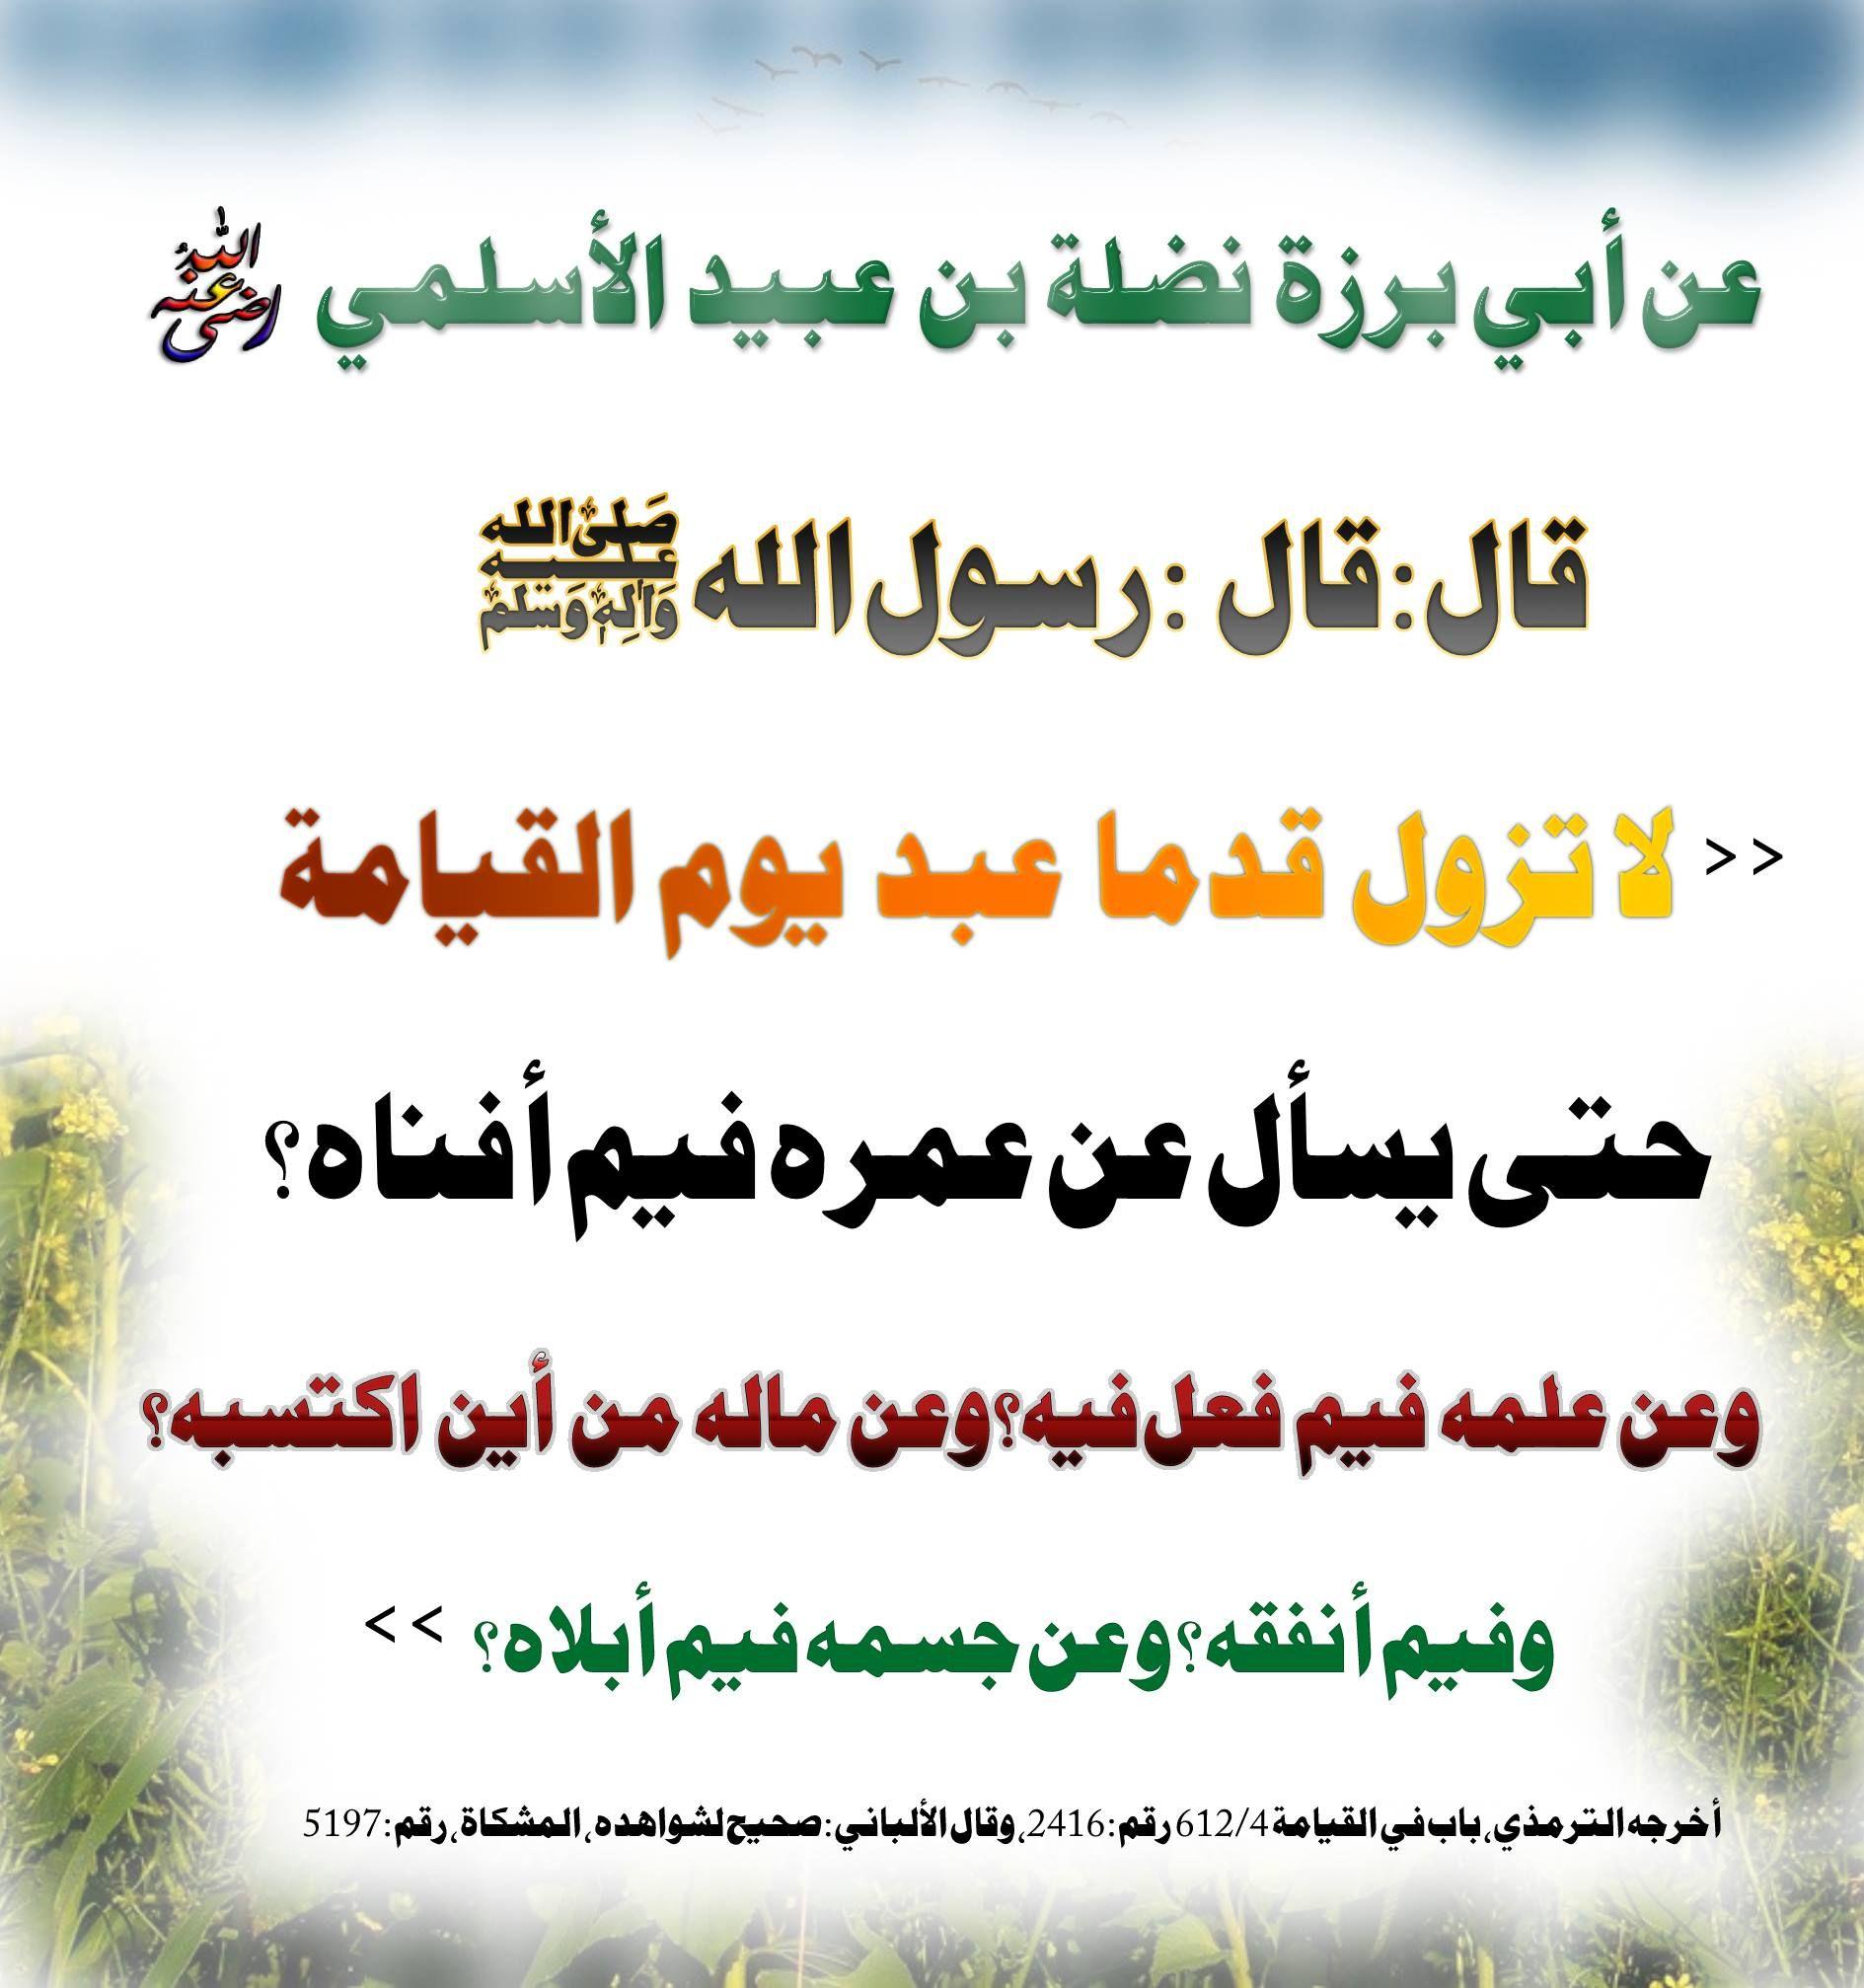 لا تزول قدما عبد يوم القيامة حتى يسأل عن عمره فيم أفناه Calligraphy Arabic Calligraphy Arabic